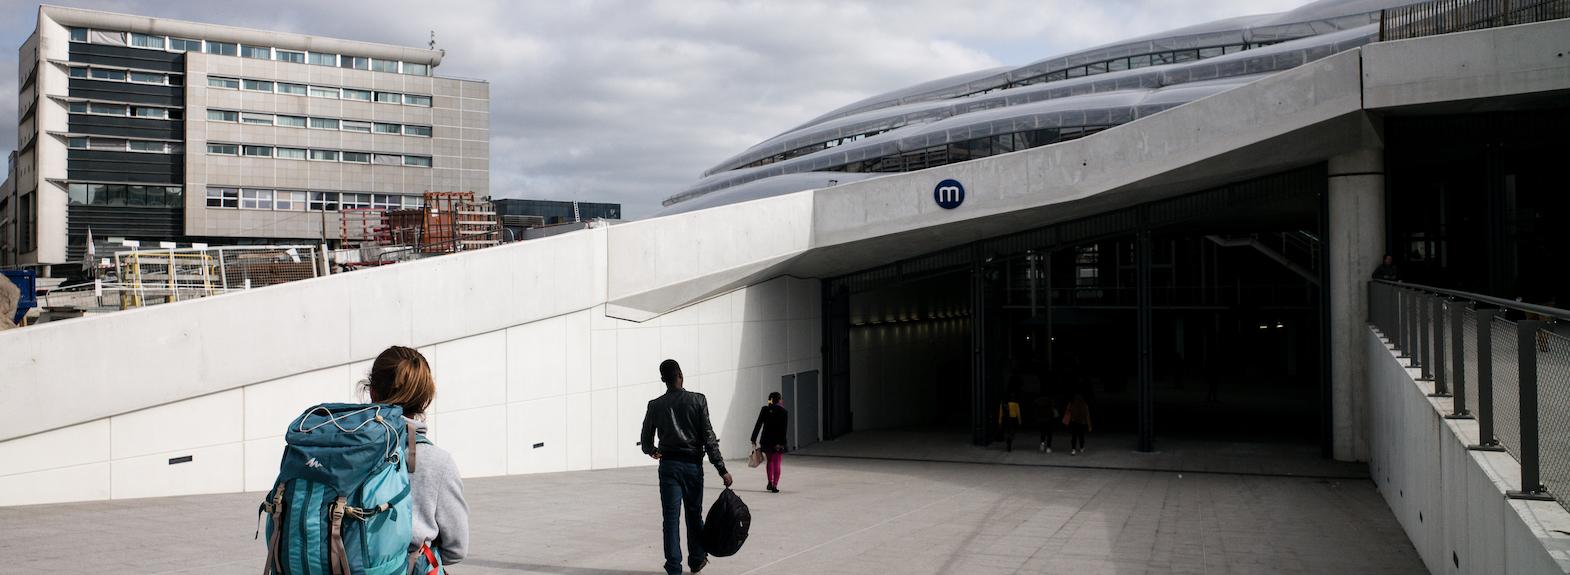 16-3-Gare_entree_Nord-fevrier_2019.jpg